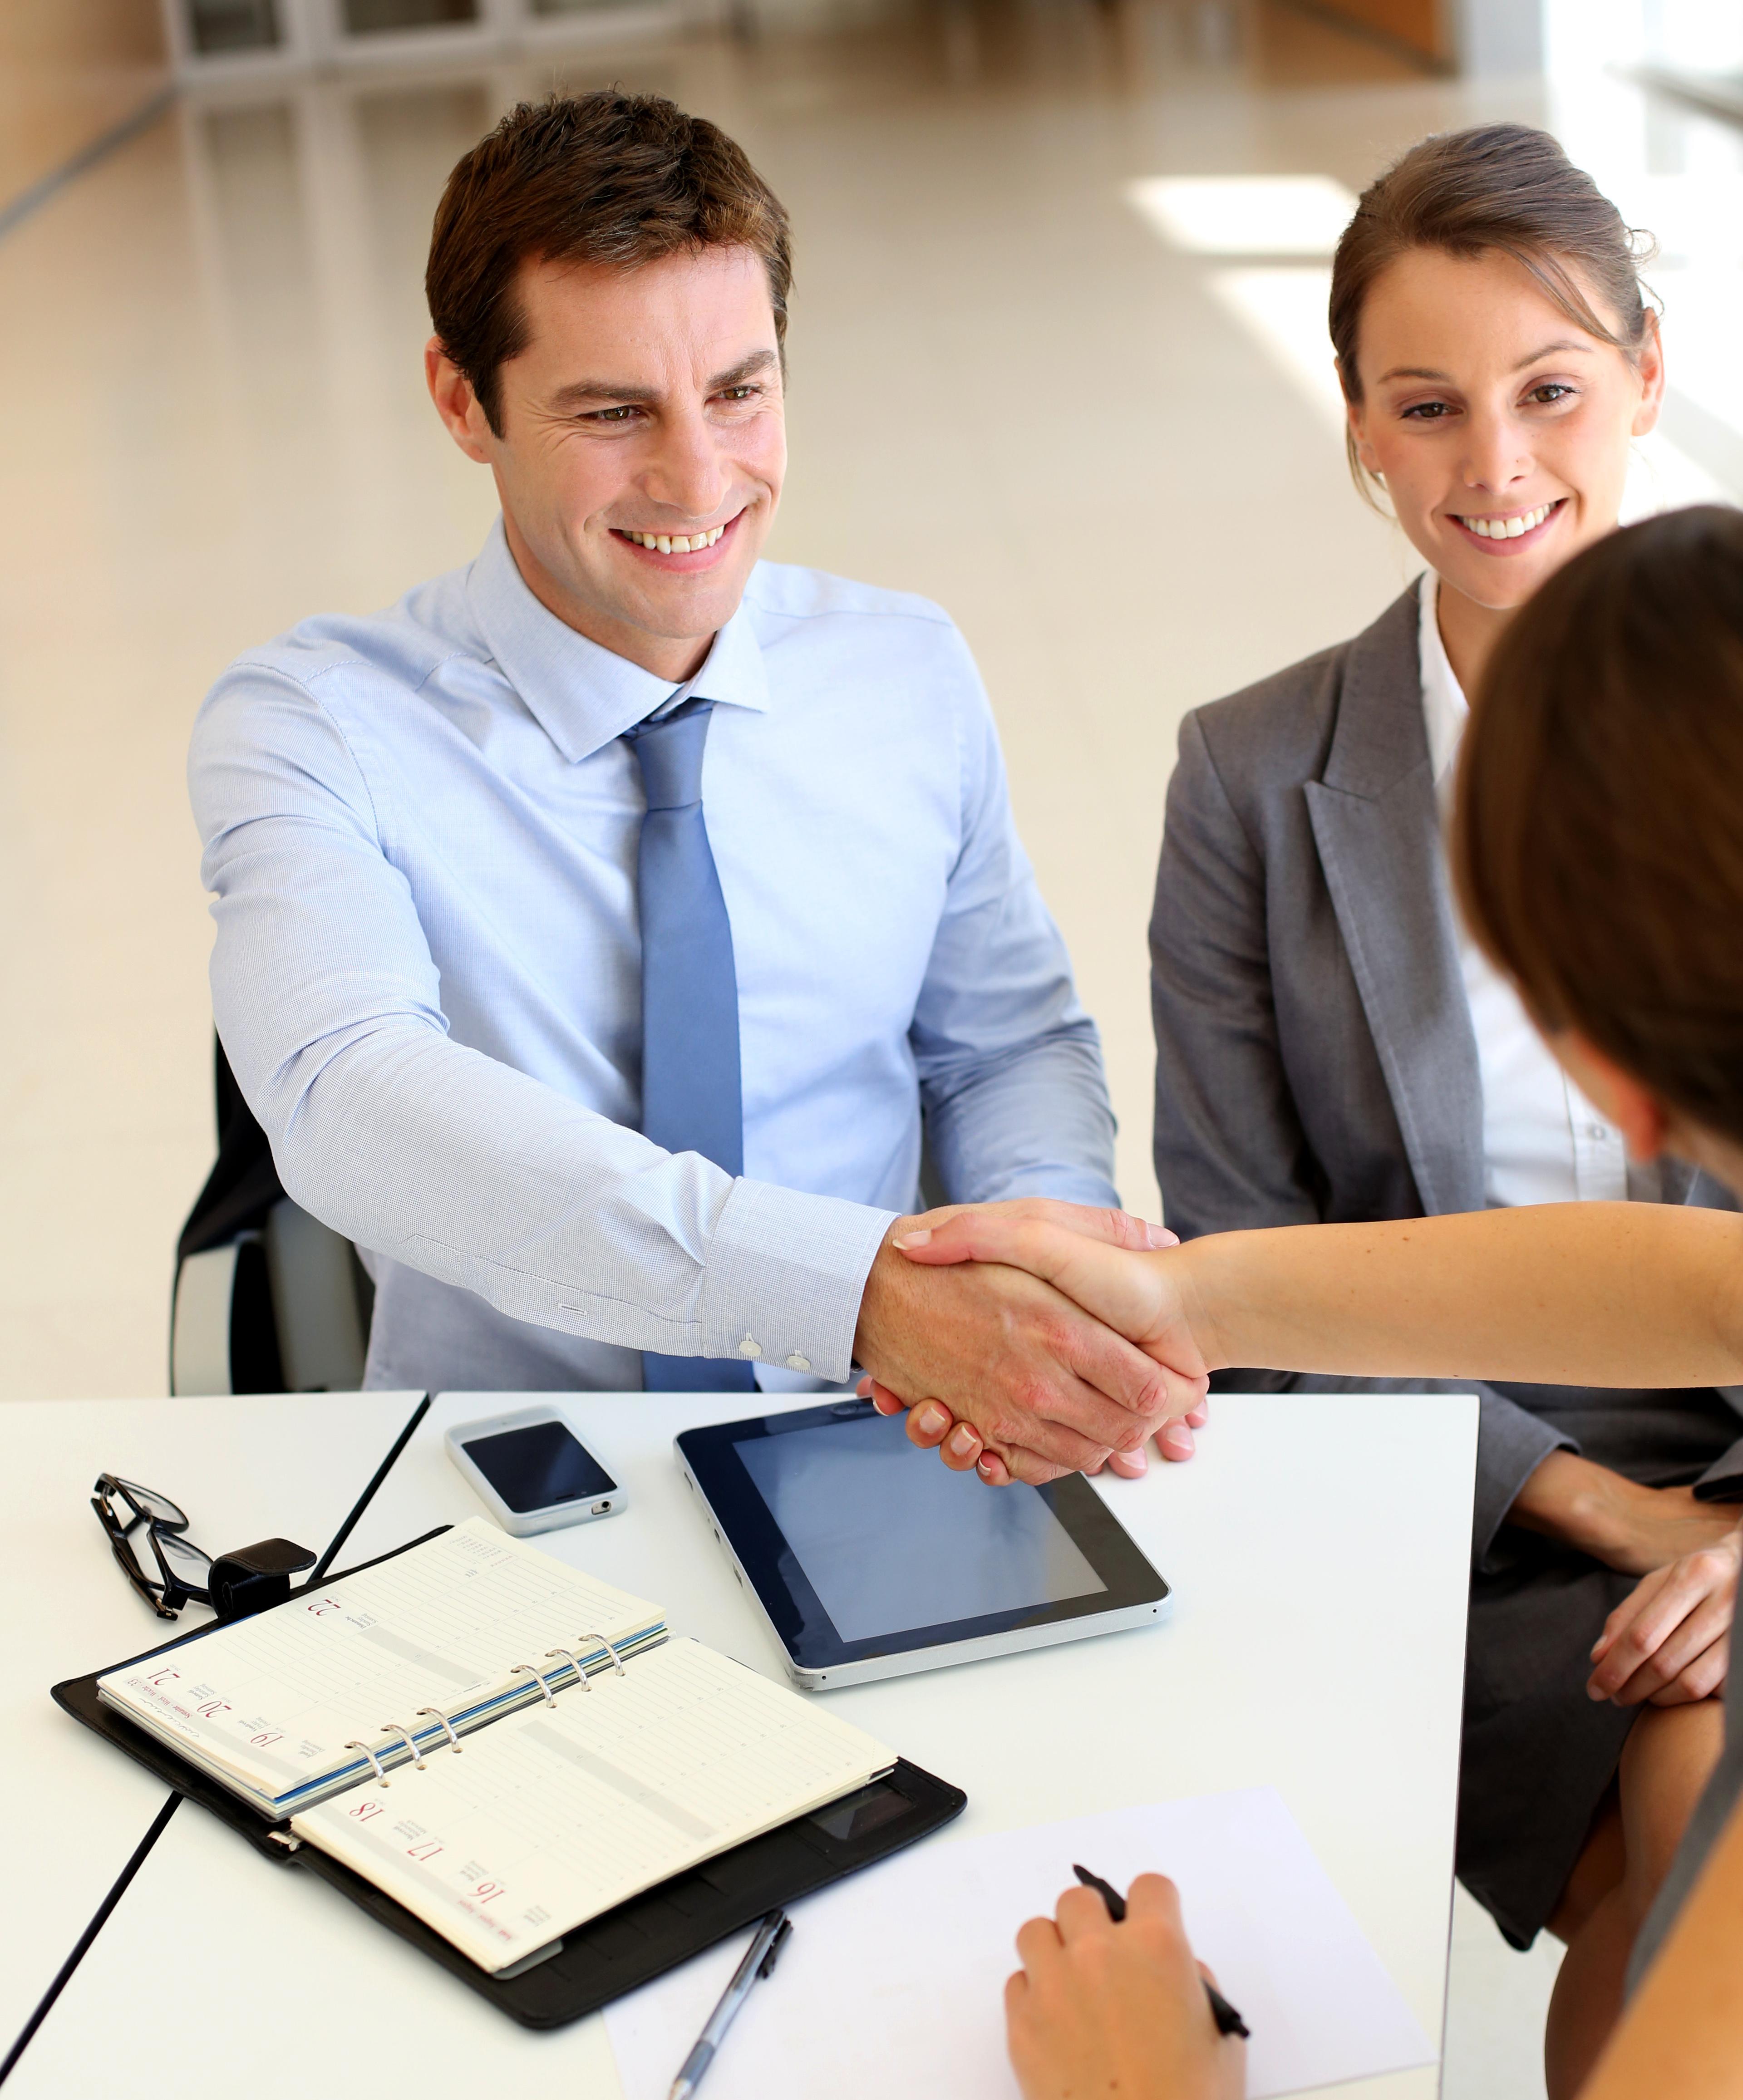 Entreprises partenaires de la formation kedge bachelor - Office de commerce bayonne ...